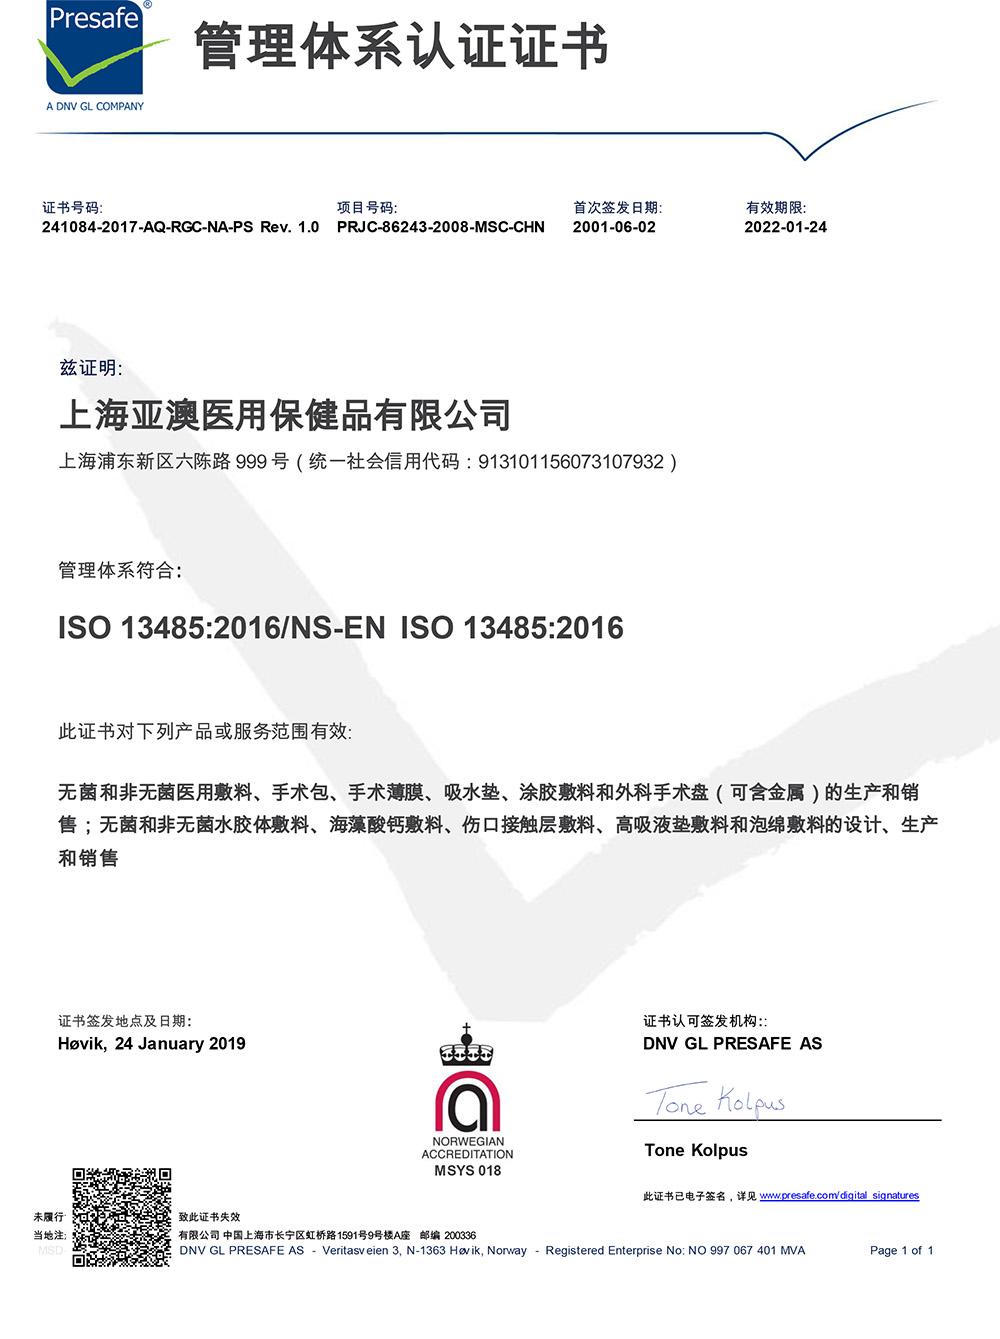 1455 Shanghai ISO G2 0001 Rev 00(1)